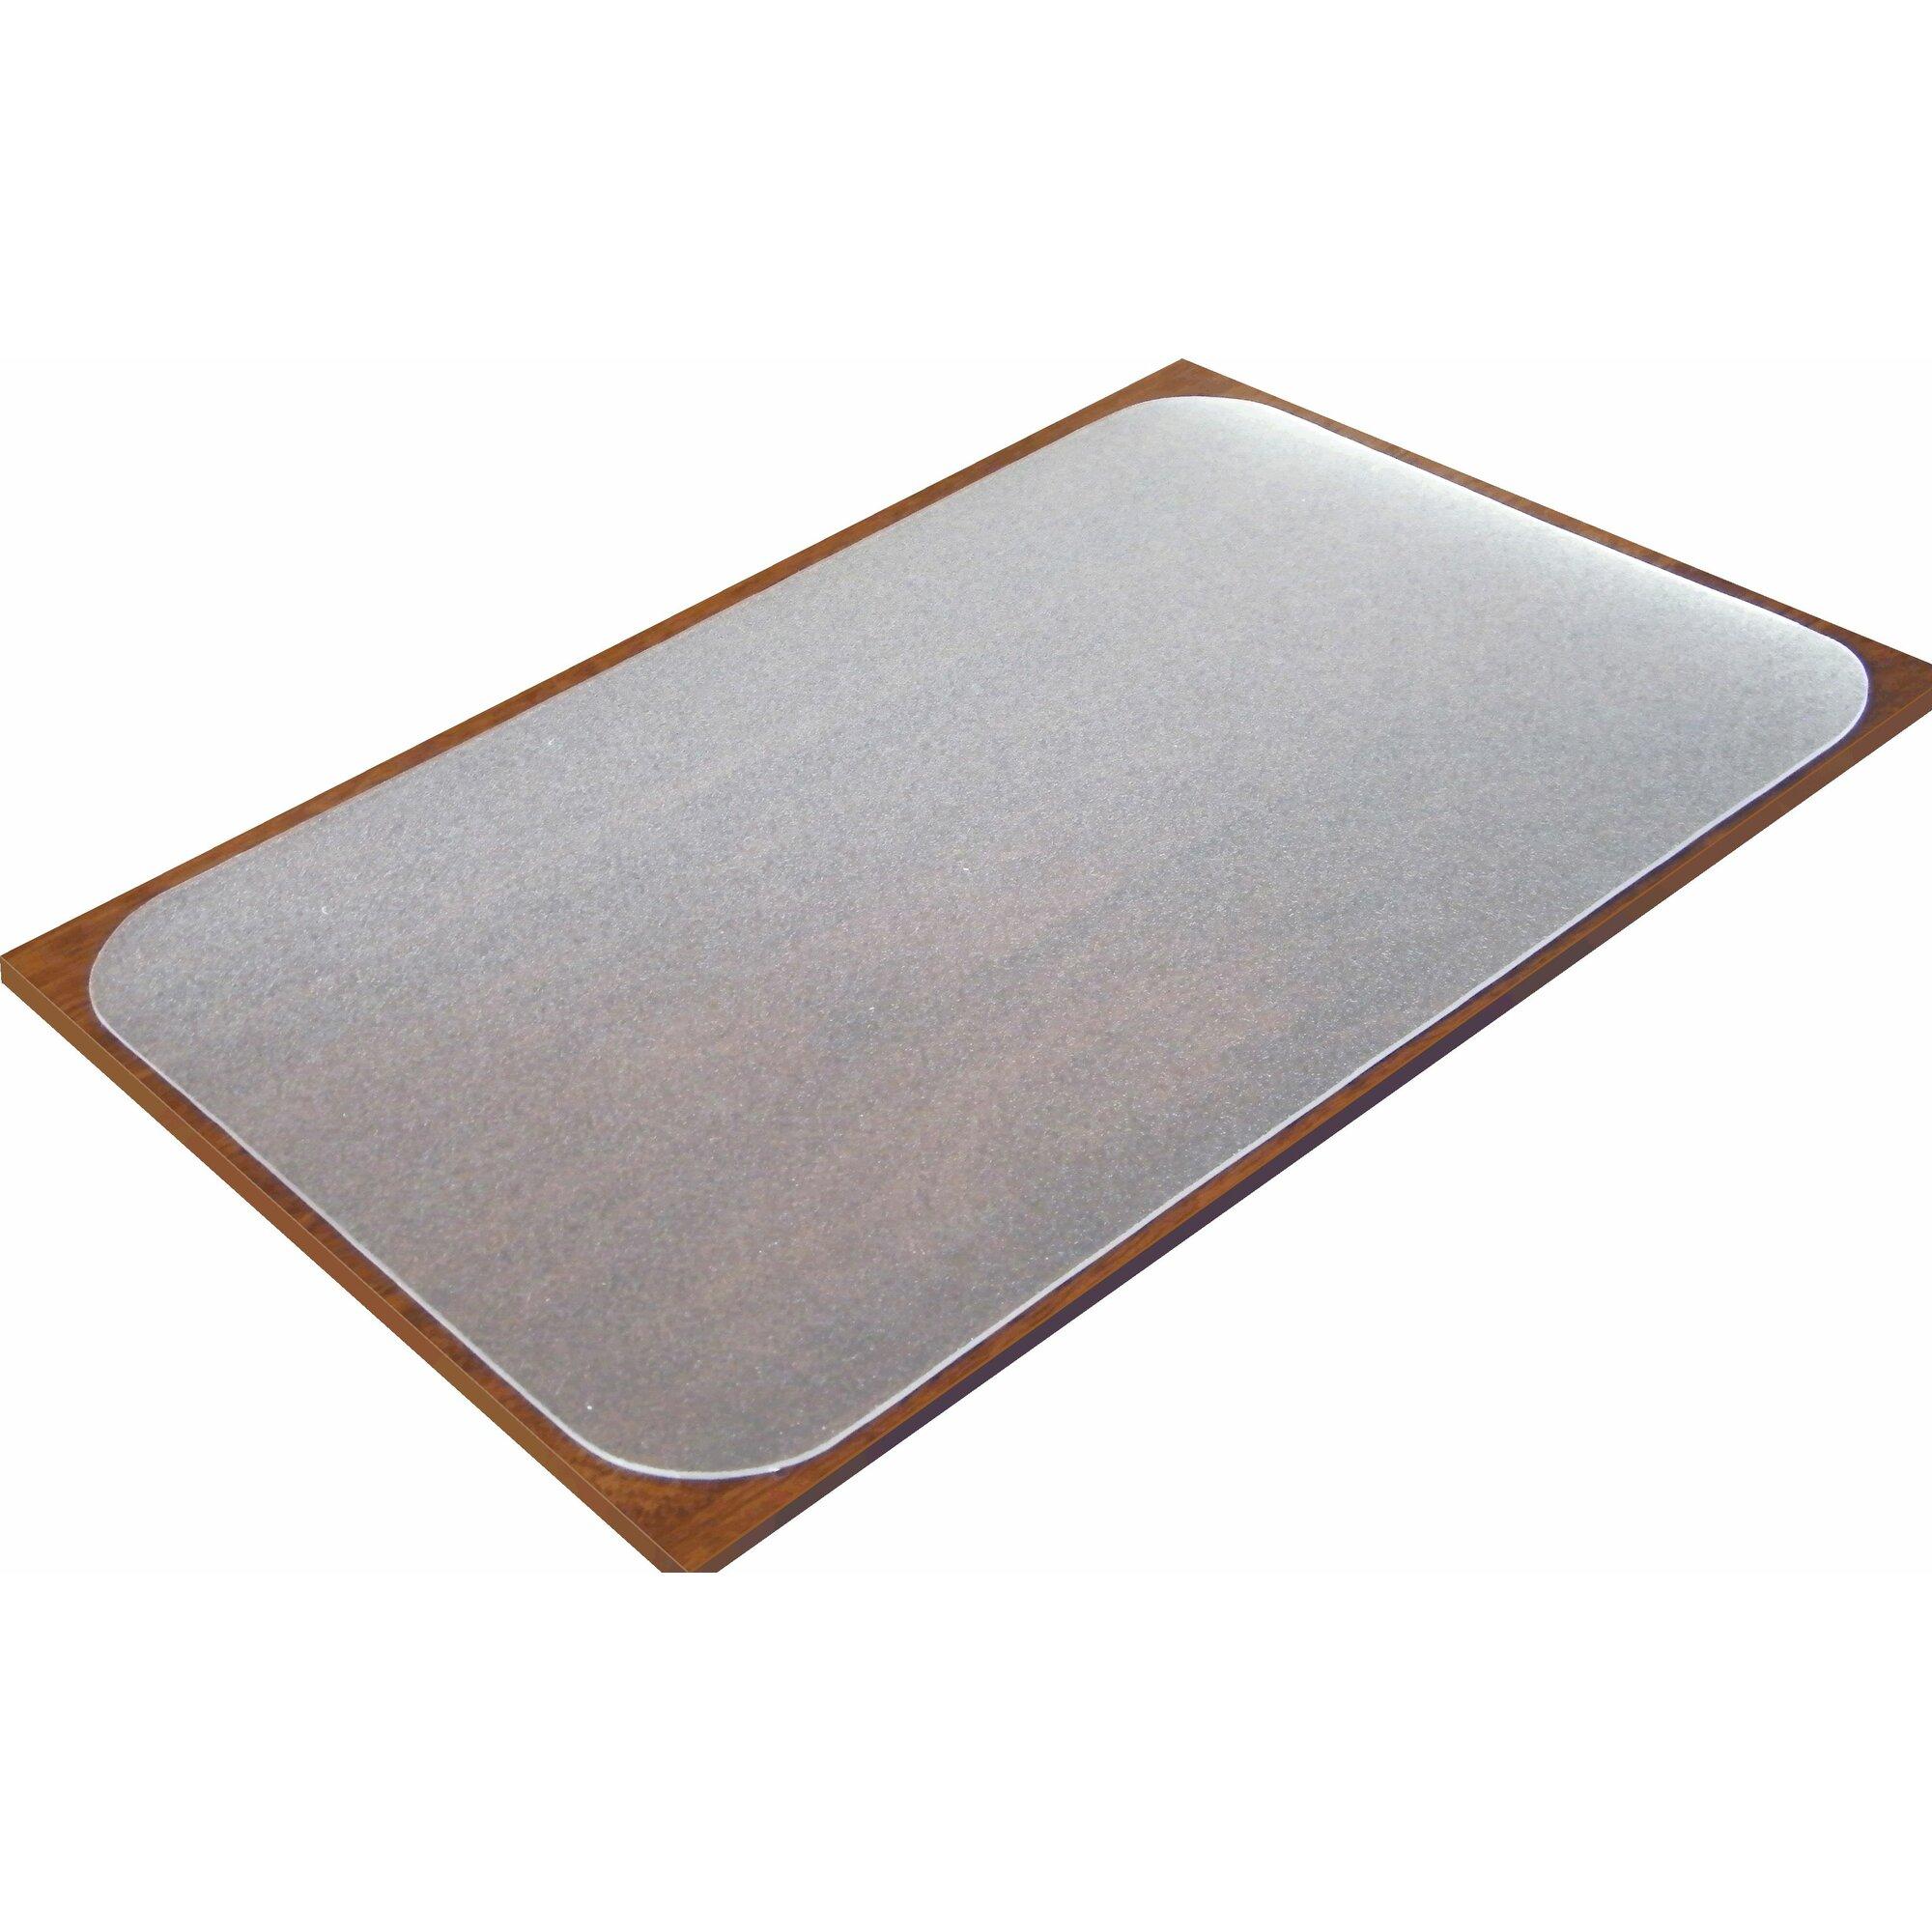 FLOORTEX Craftex Ultimate Table Protector & Reviews   Wayfair